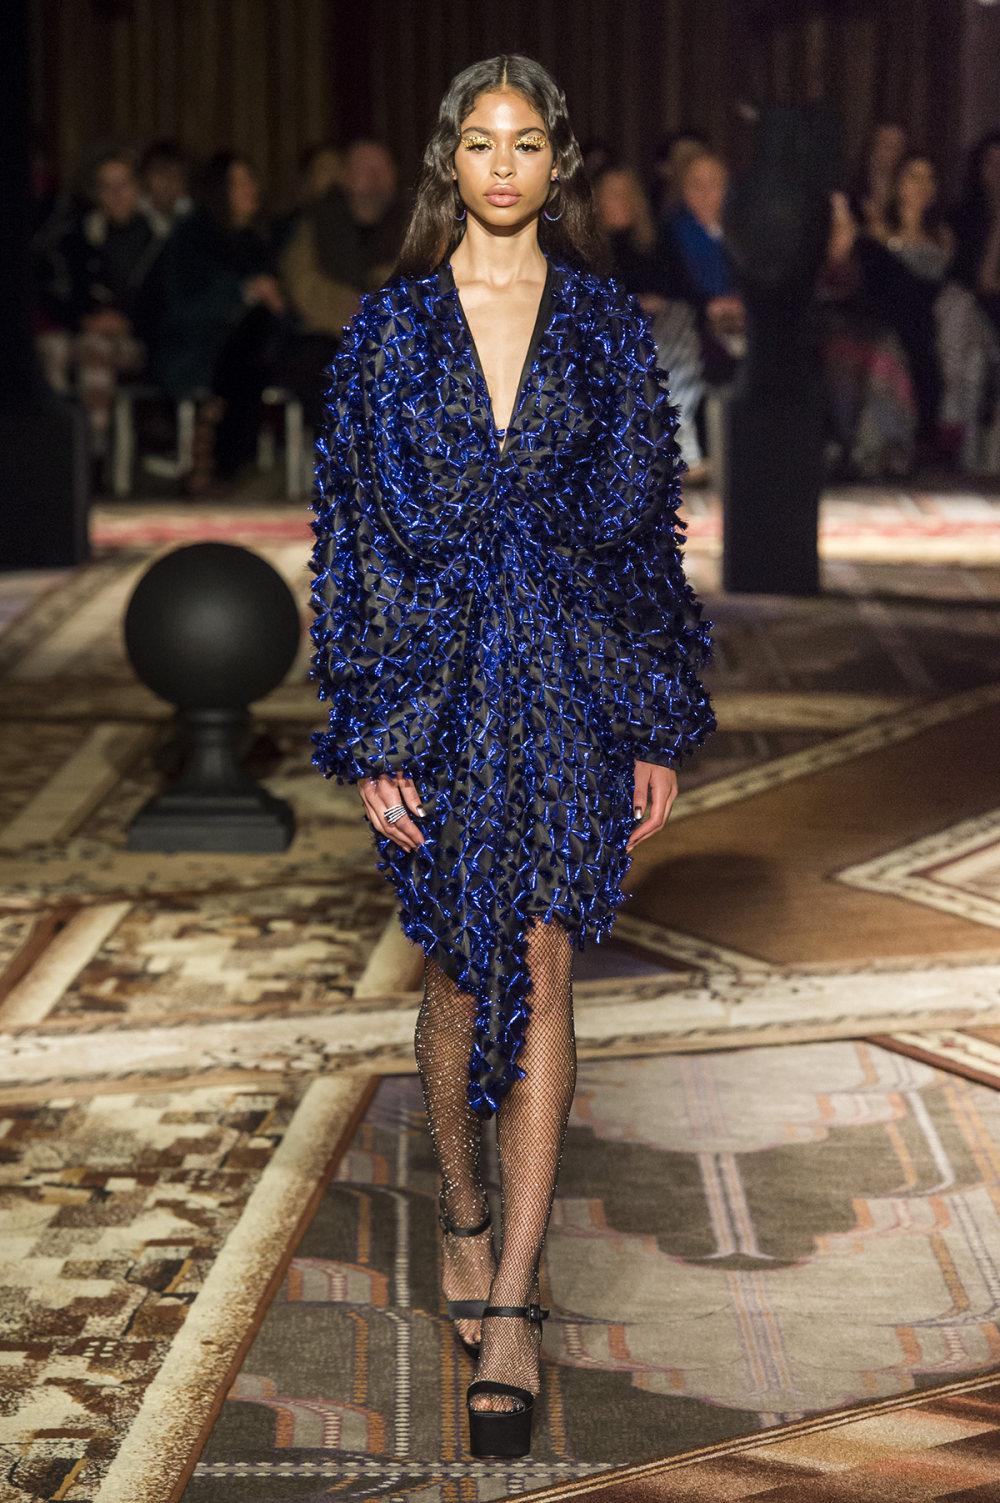 Halpern时装系列将幻想印花应用于宽大的缎面外套展示垂褶技巧-23.jpg